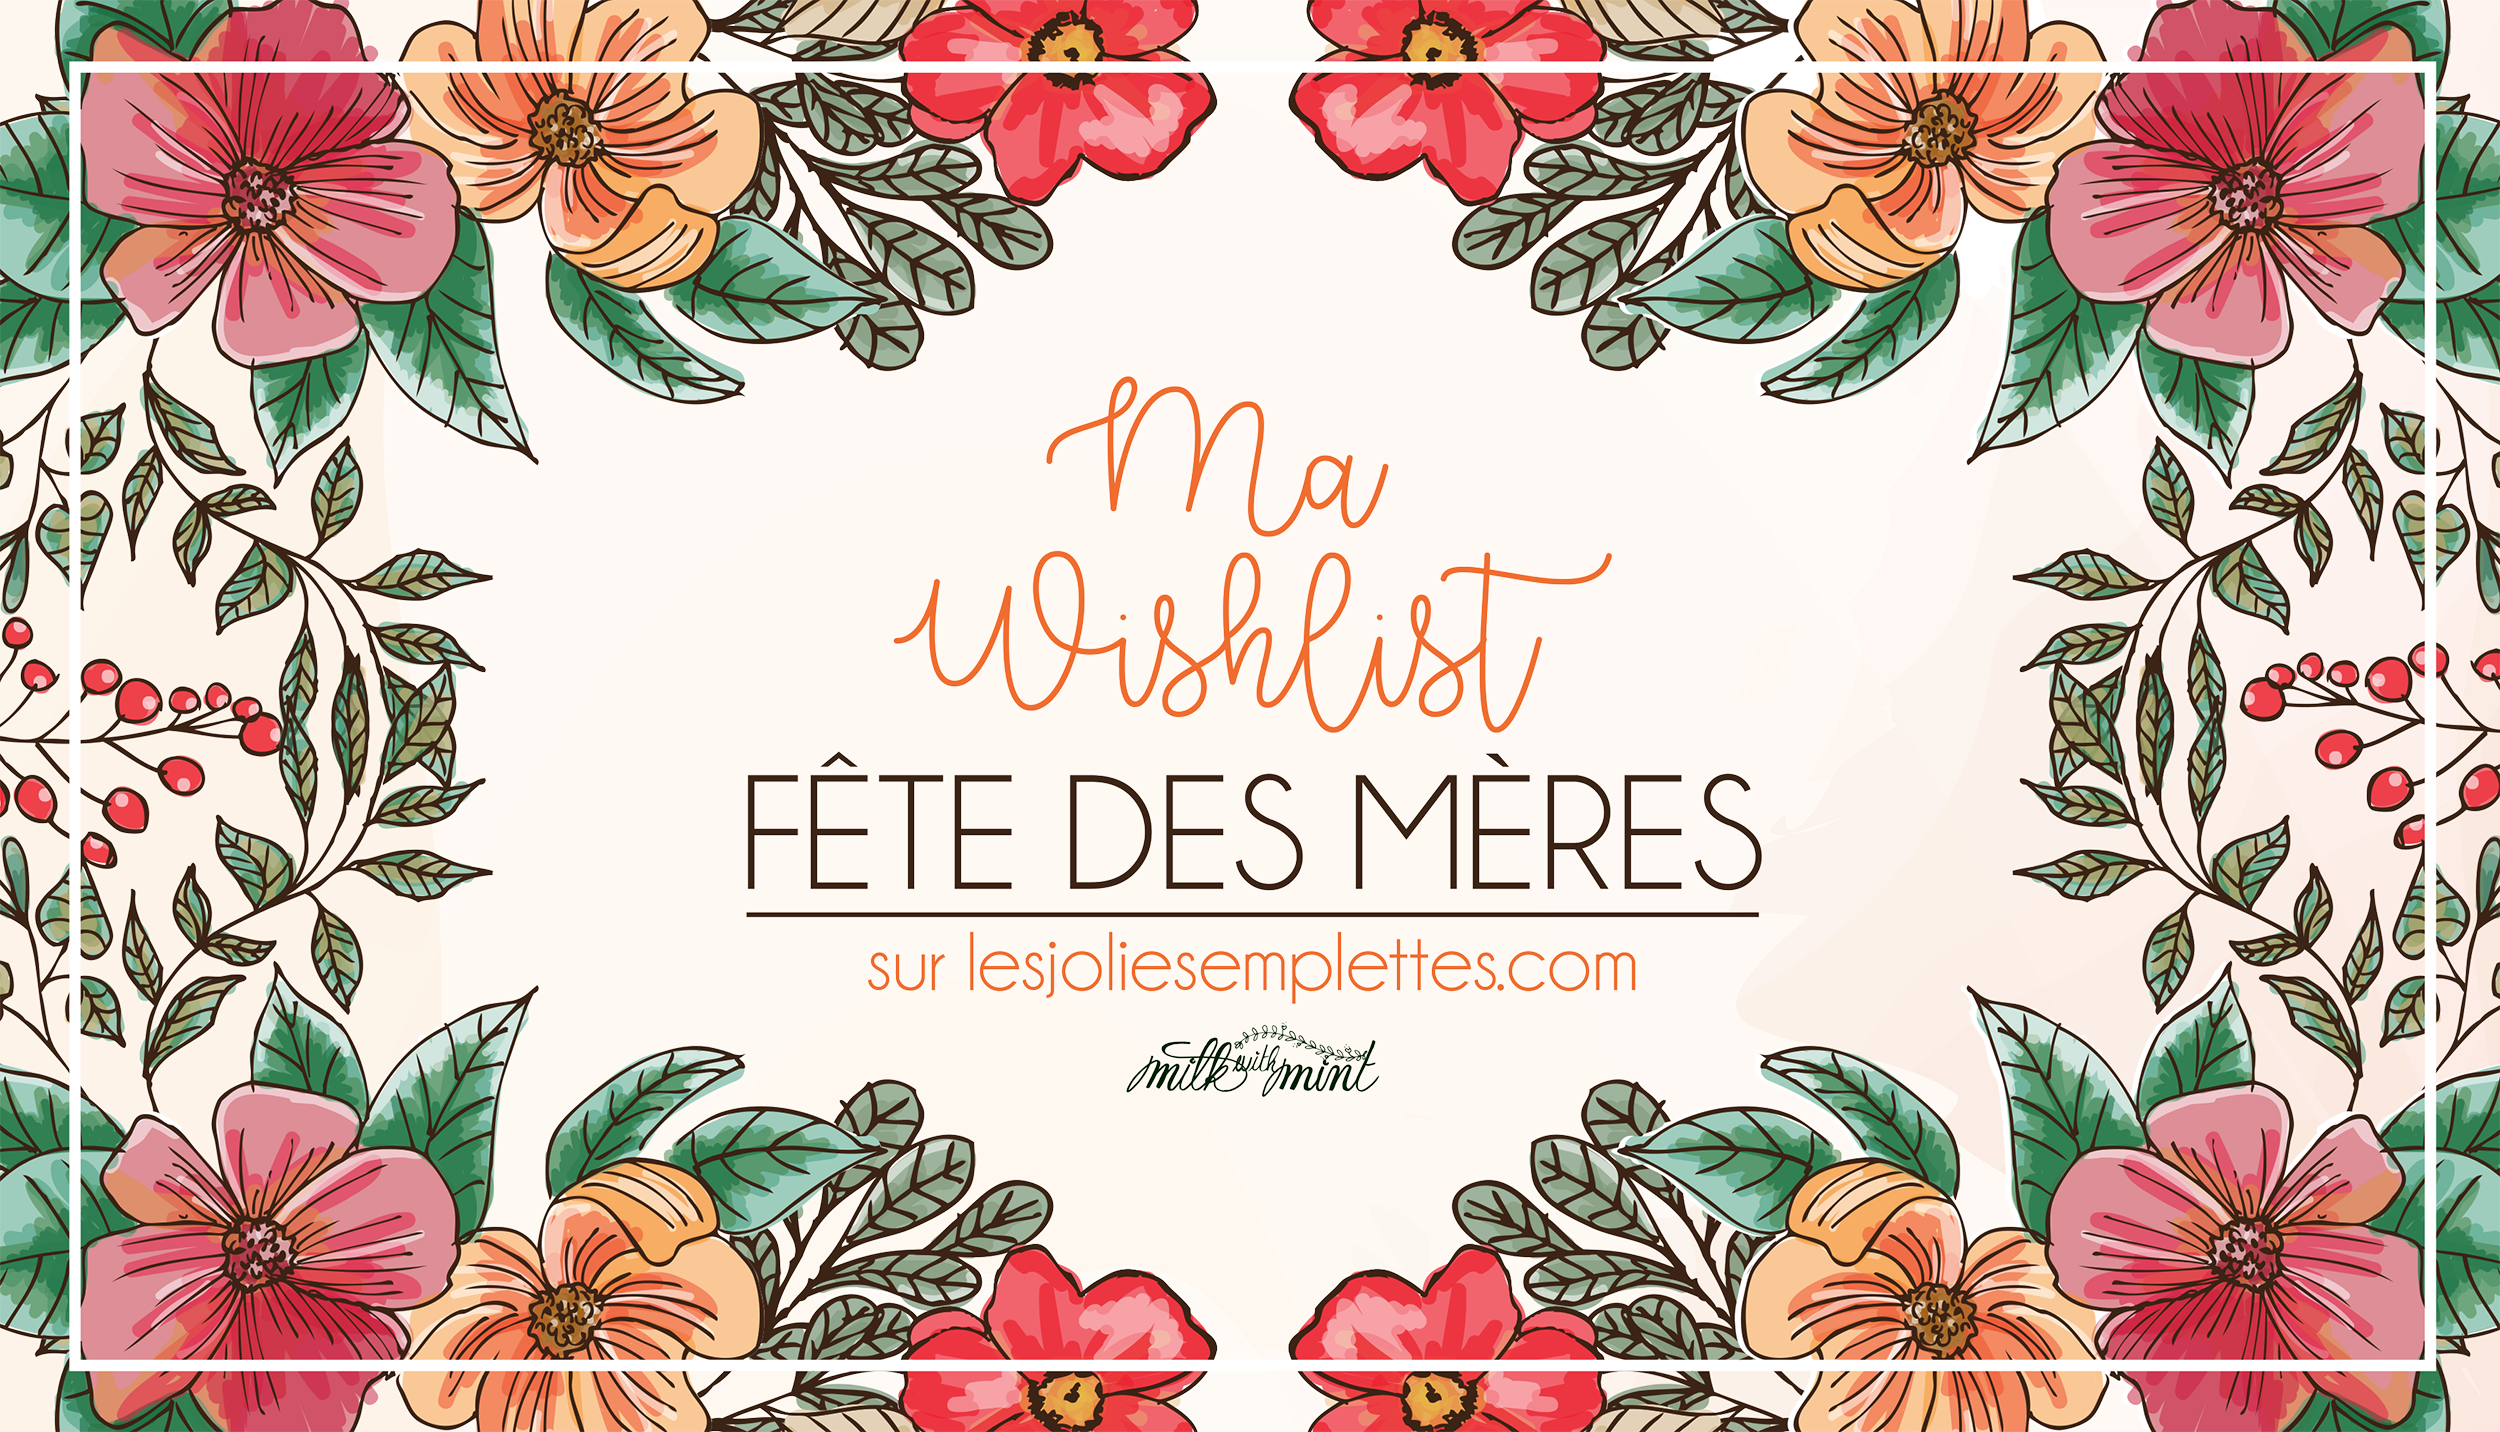 Whishlist Fête des Mères + concours